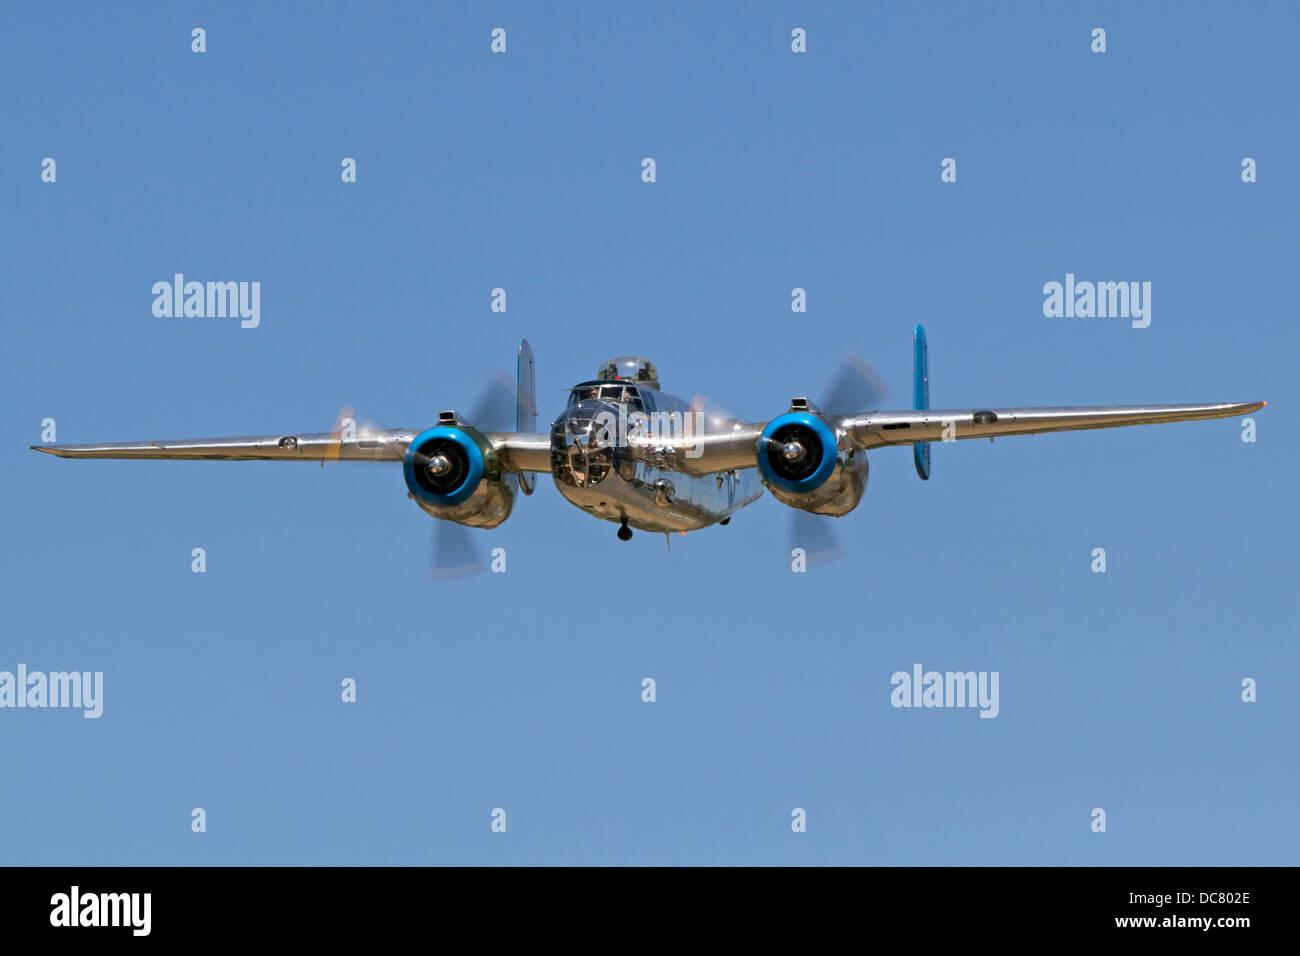 Naa Stock Photos \u0026 Naa Stock Images - Alamy